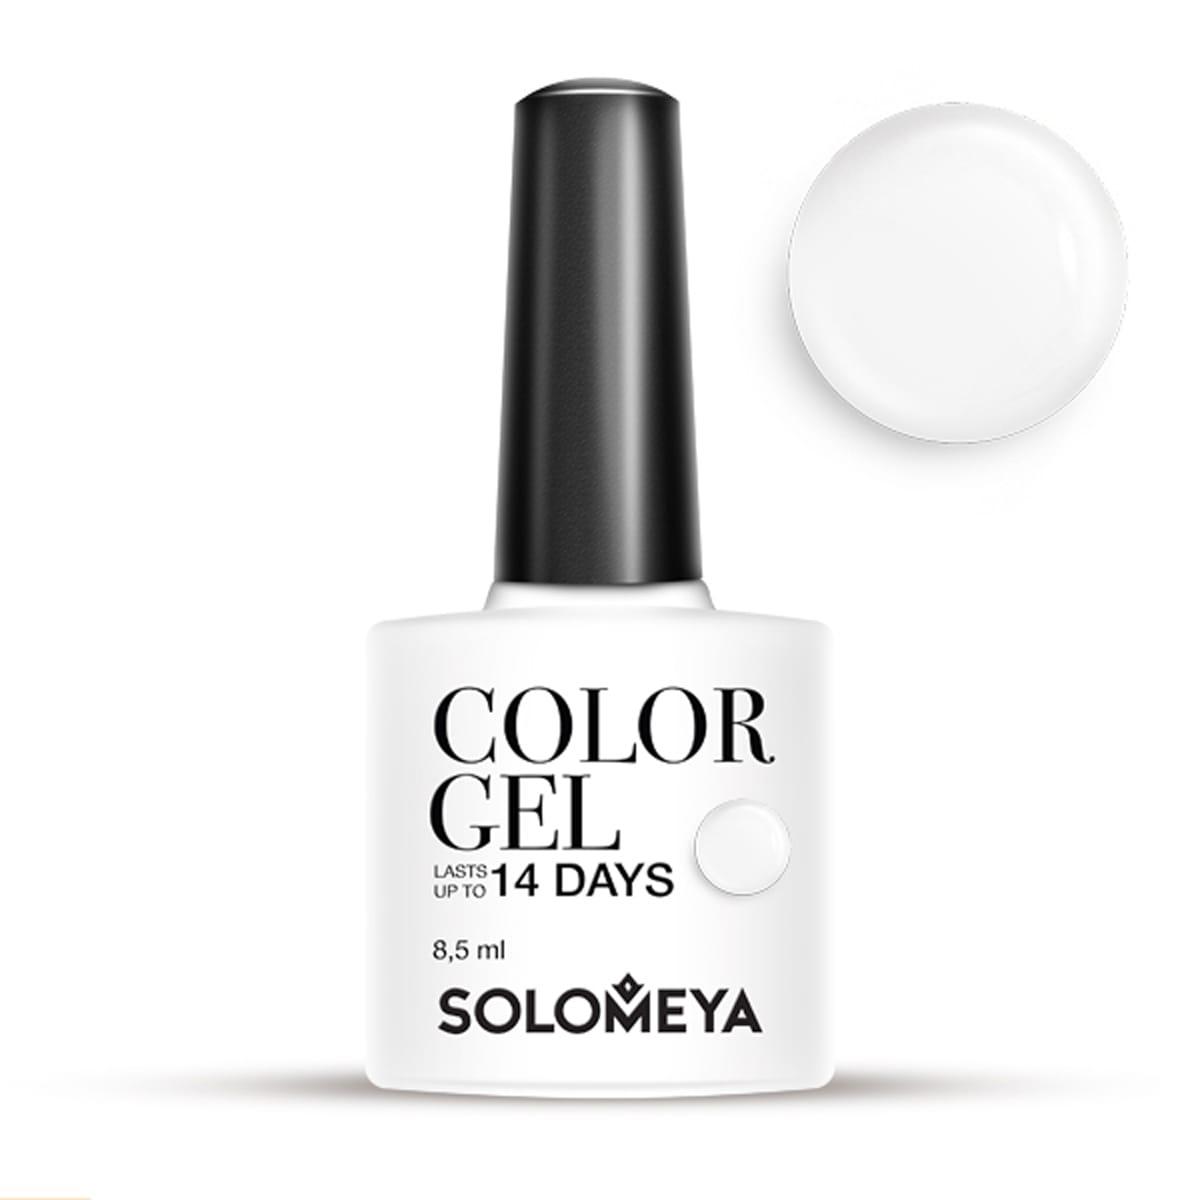 Купить SOLOMEYA Гель-лак для ногтей SCG154 Молоко / Color Gel Milk 8, 5 мл, Белые